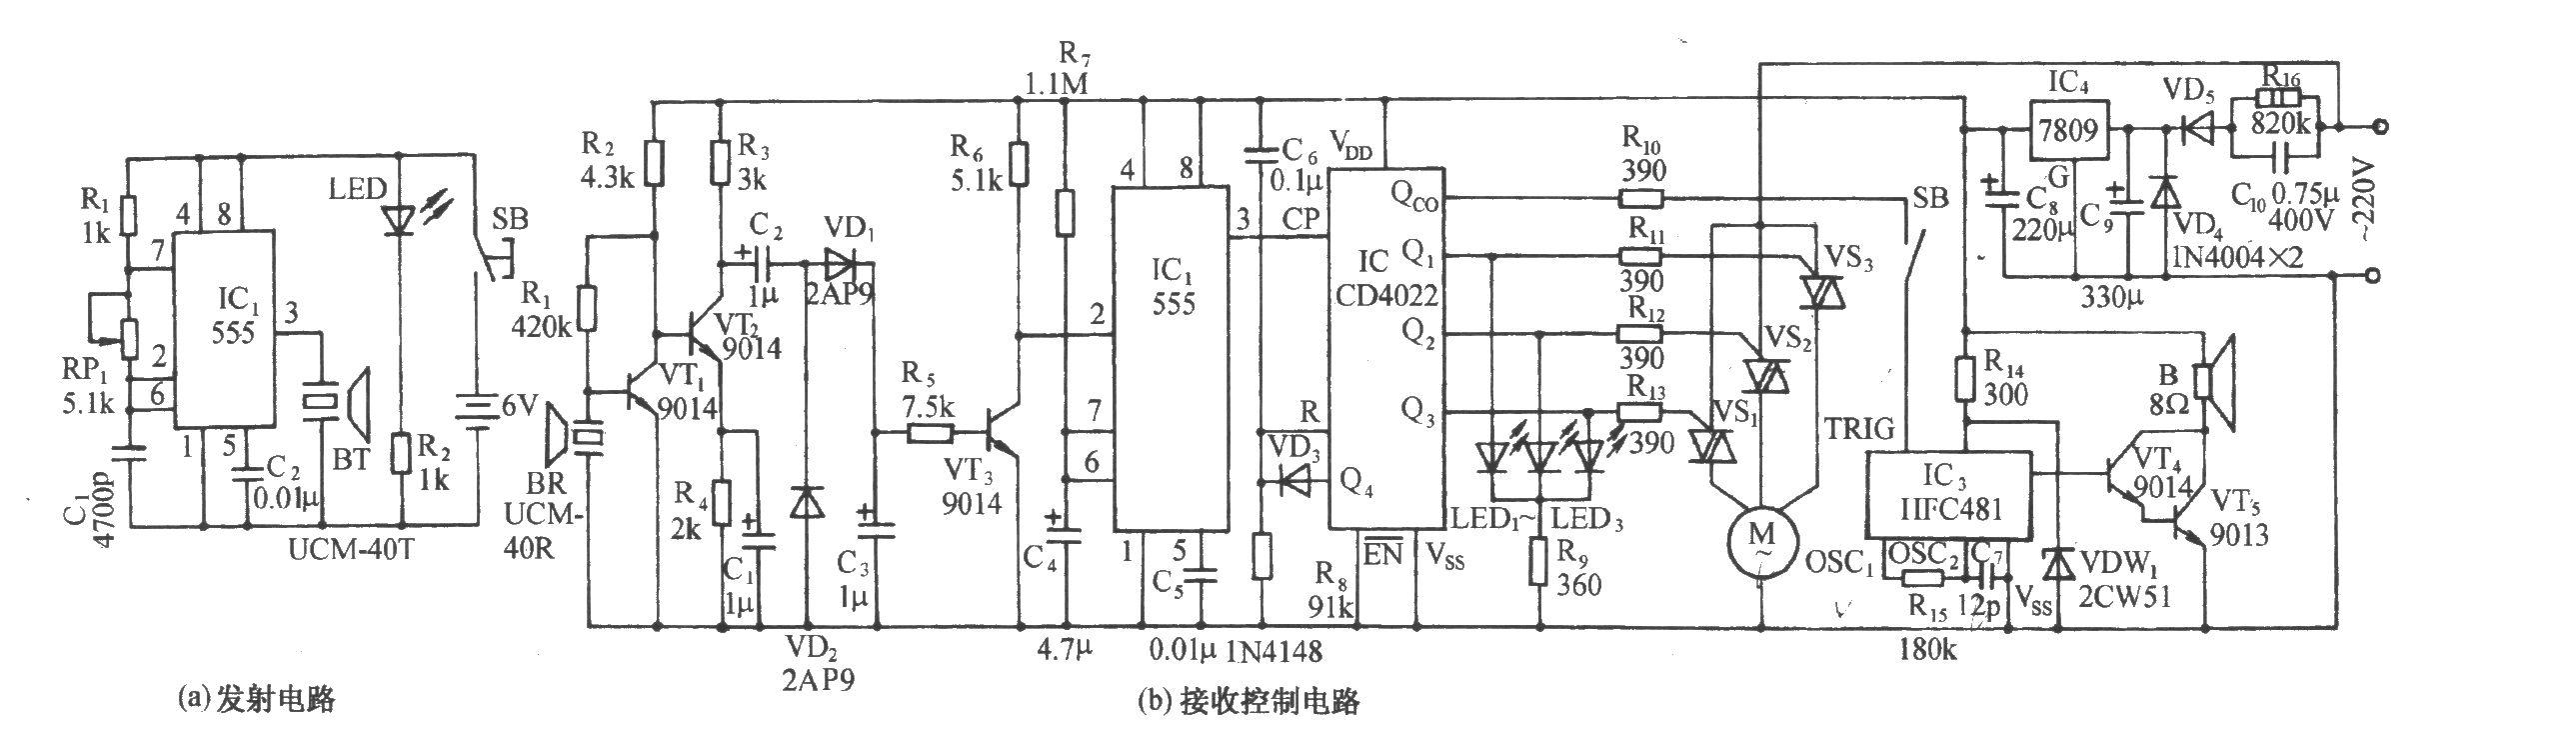 超声波遥控电风扇调速及乐曲伴唱电路